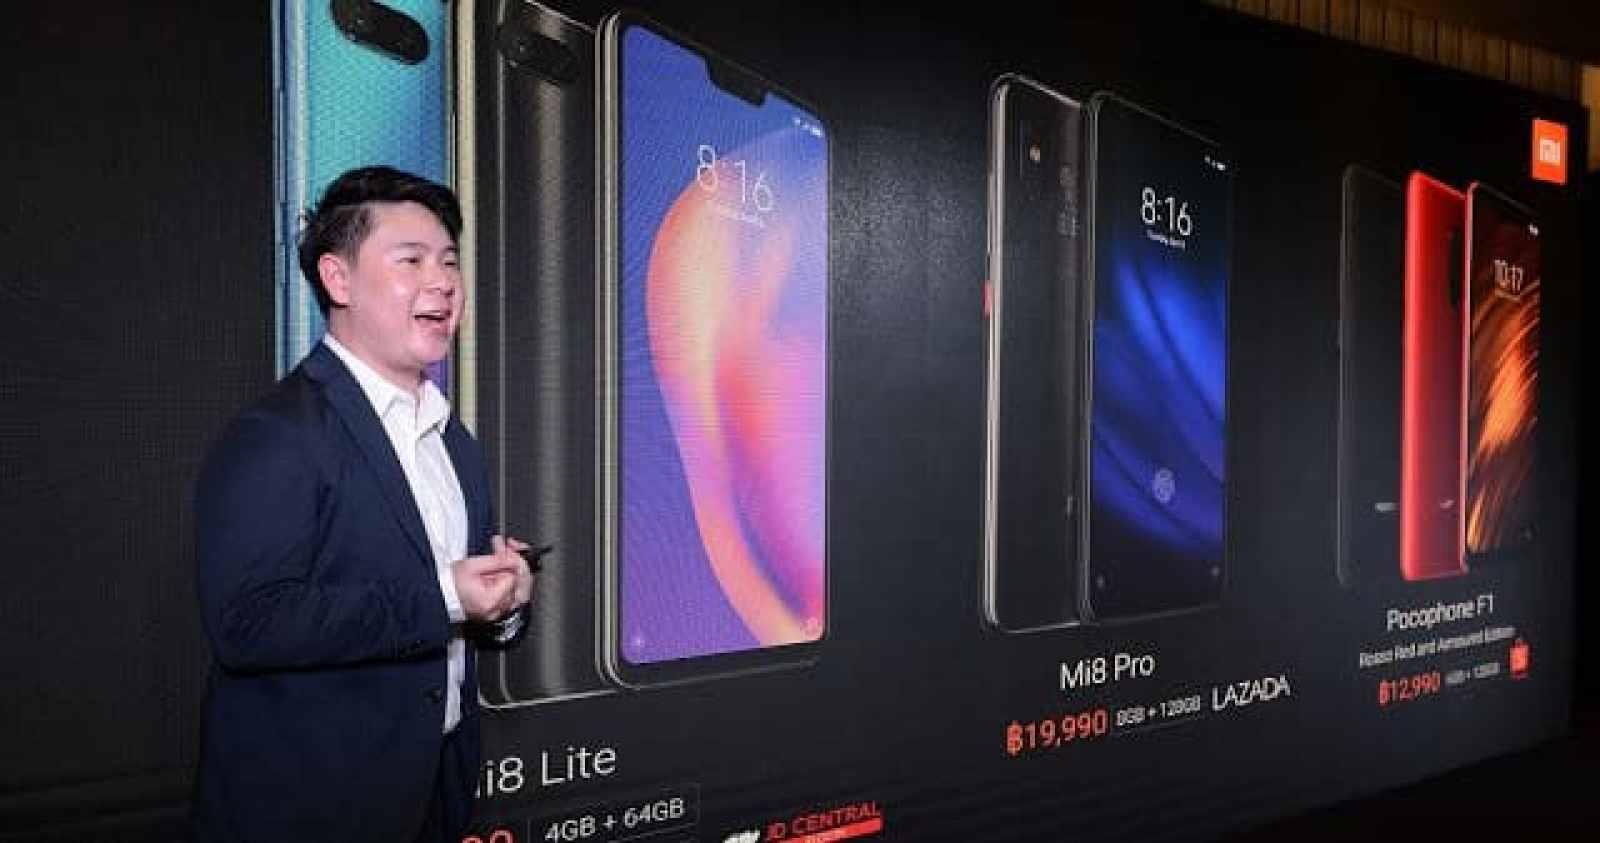 - XiaomiMi8Lite7 1 - Xiaomi เปิดตัวสมาร์ทโฟนรุ่นใหม่ล่าสุด Mi 8 Lite และ Mi 8 Pro ครั้งแรกในประเทศไทย